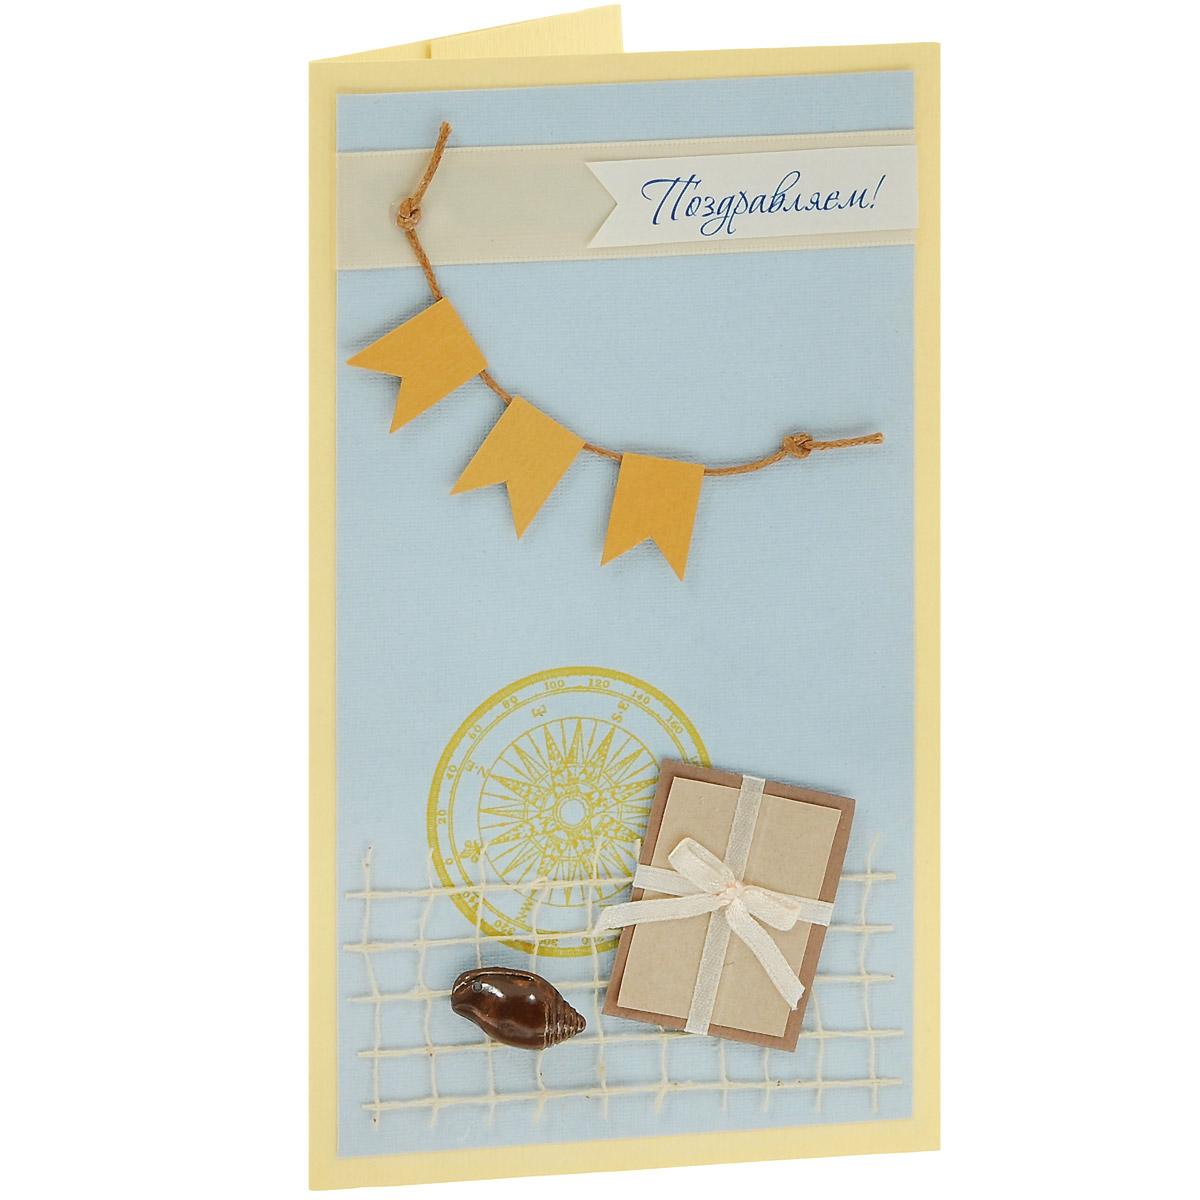 ОМ-0007 Открытка-конверт «Поздравляю!» Студия «Тётя Роза»Винтажные открытки №97Характеристики: Размер 19 см x 11 см. Материал: Высоко-художественный картон, бумага, декор. Данная открытка может стать как прекрасным дополнением к вашему подарку, так и самостоятельным подарком. Так как открытка является и конвертом, в который вы можете вложить ваш денежный подарок или просто написать ваши пожелания на вкладыше. Серо-бежевая открытка, легкая и сдержанная. В дизайне использованы атласные ленты и сетка, вощеный шнур, пуговицы и ракушки. Также открытка упакована в пакетик для сохранности. Обращаем Ваше внимание на то, что открытка может незначительно отличаться от представленной на фото.